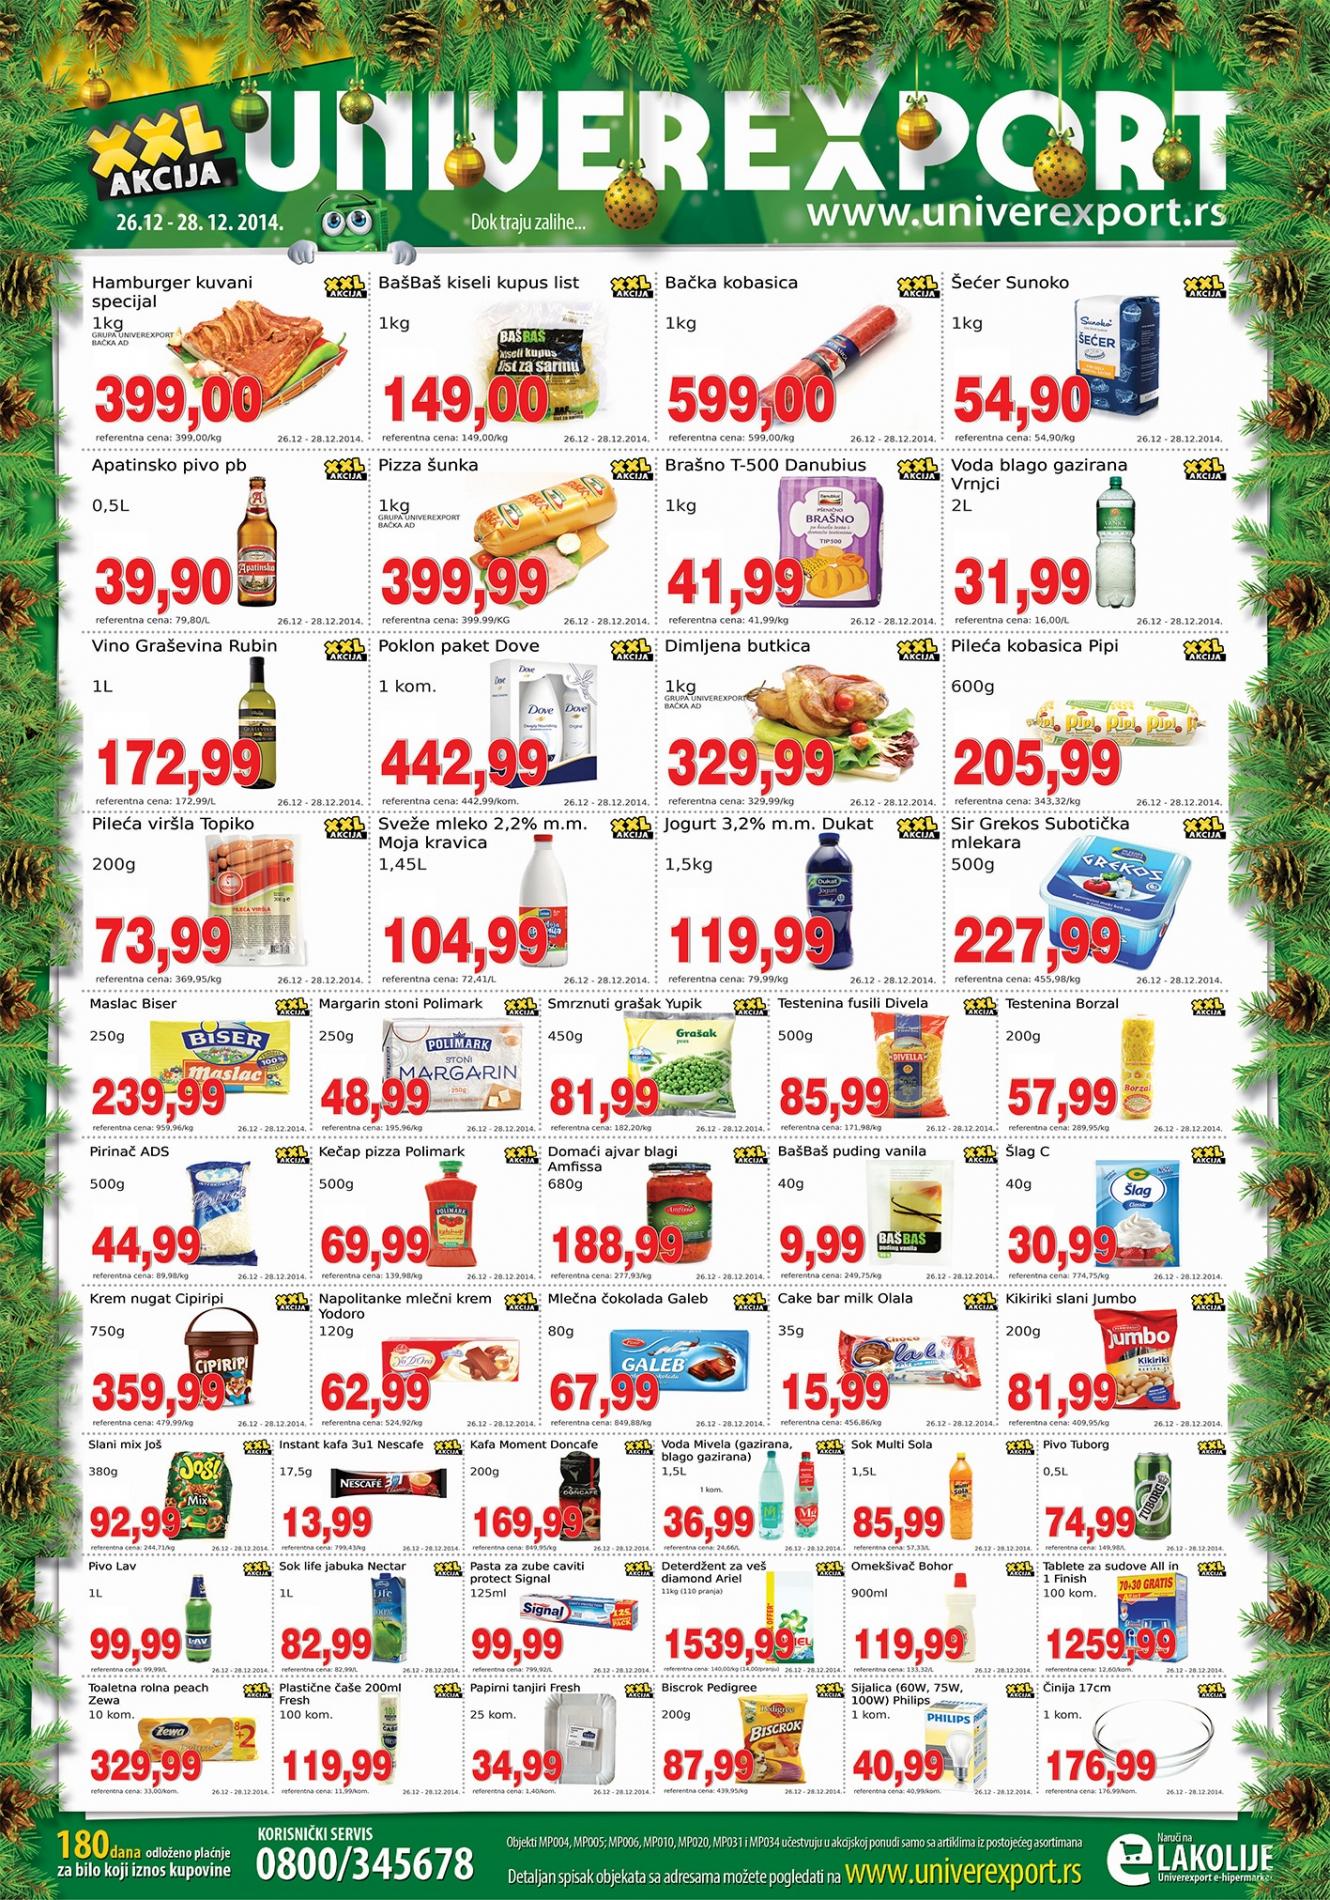 Univerexport akcija vikend novogodišnje kupovine